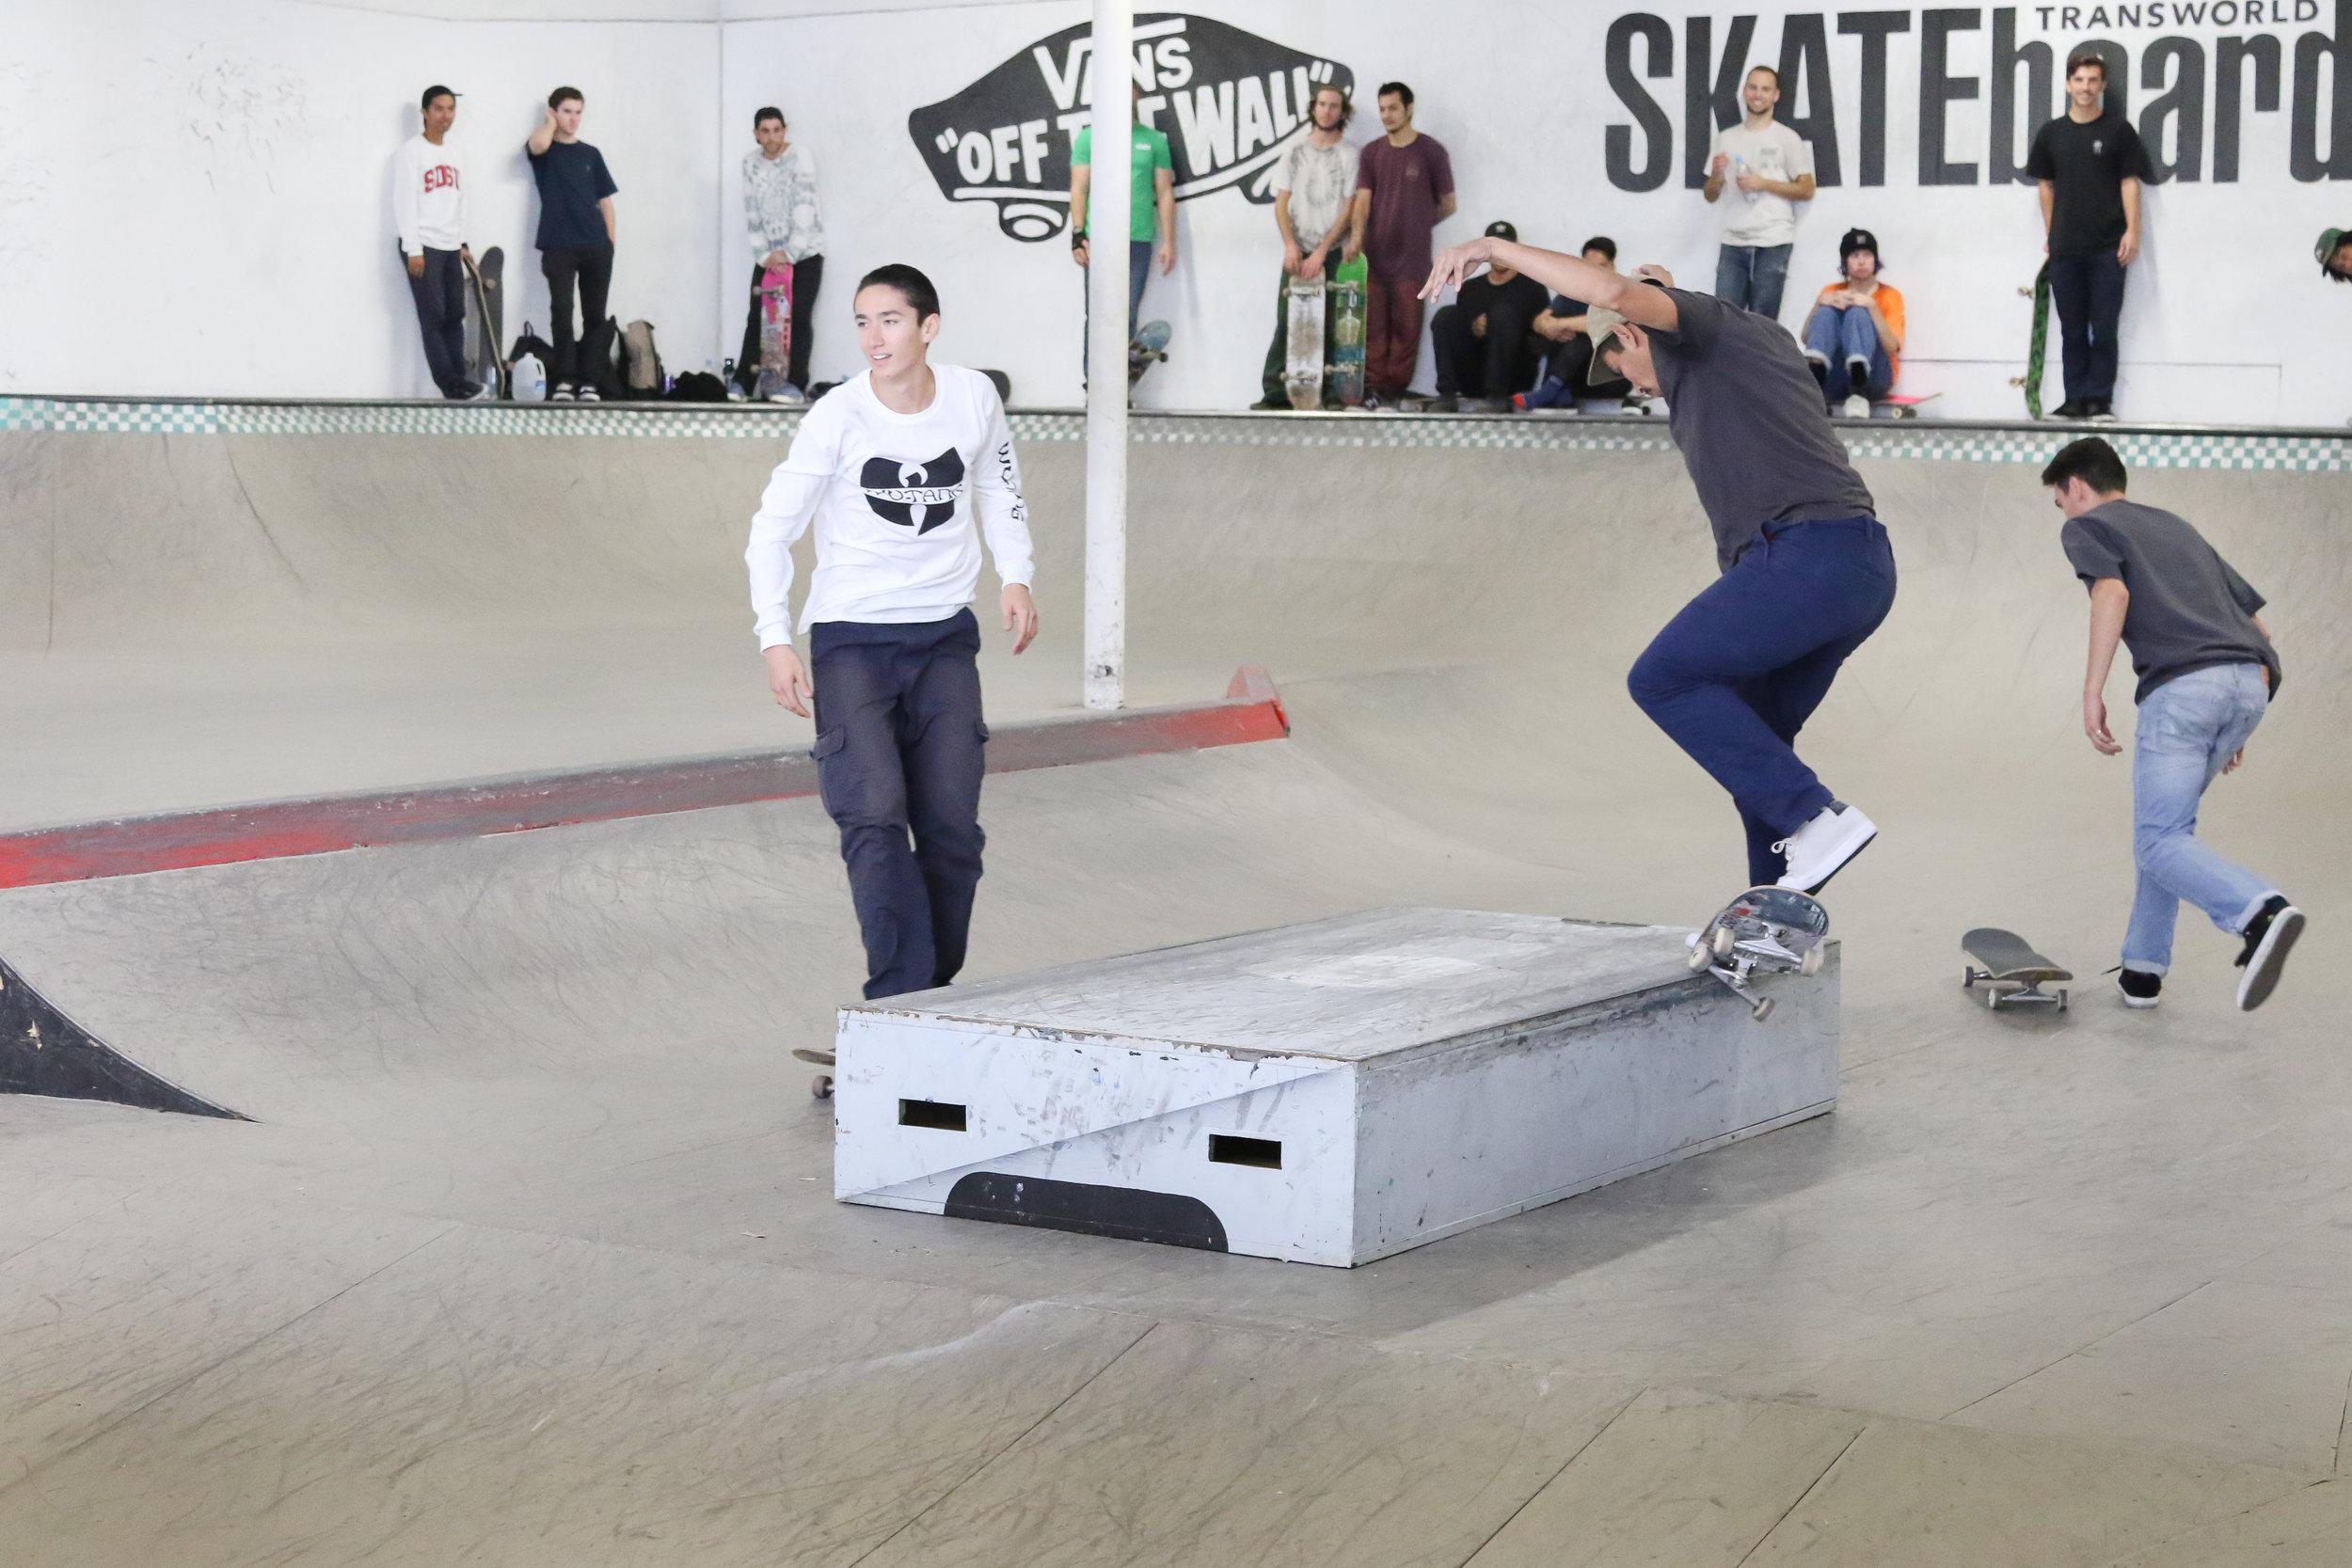 TWS Collegiate Skate_-13.jpg